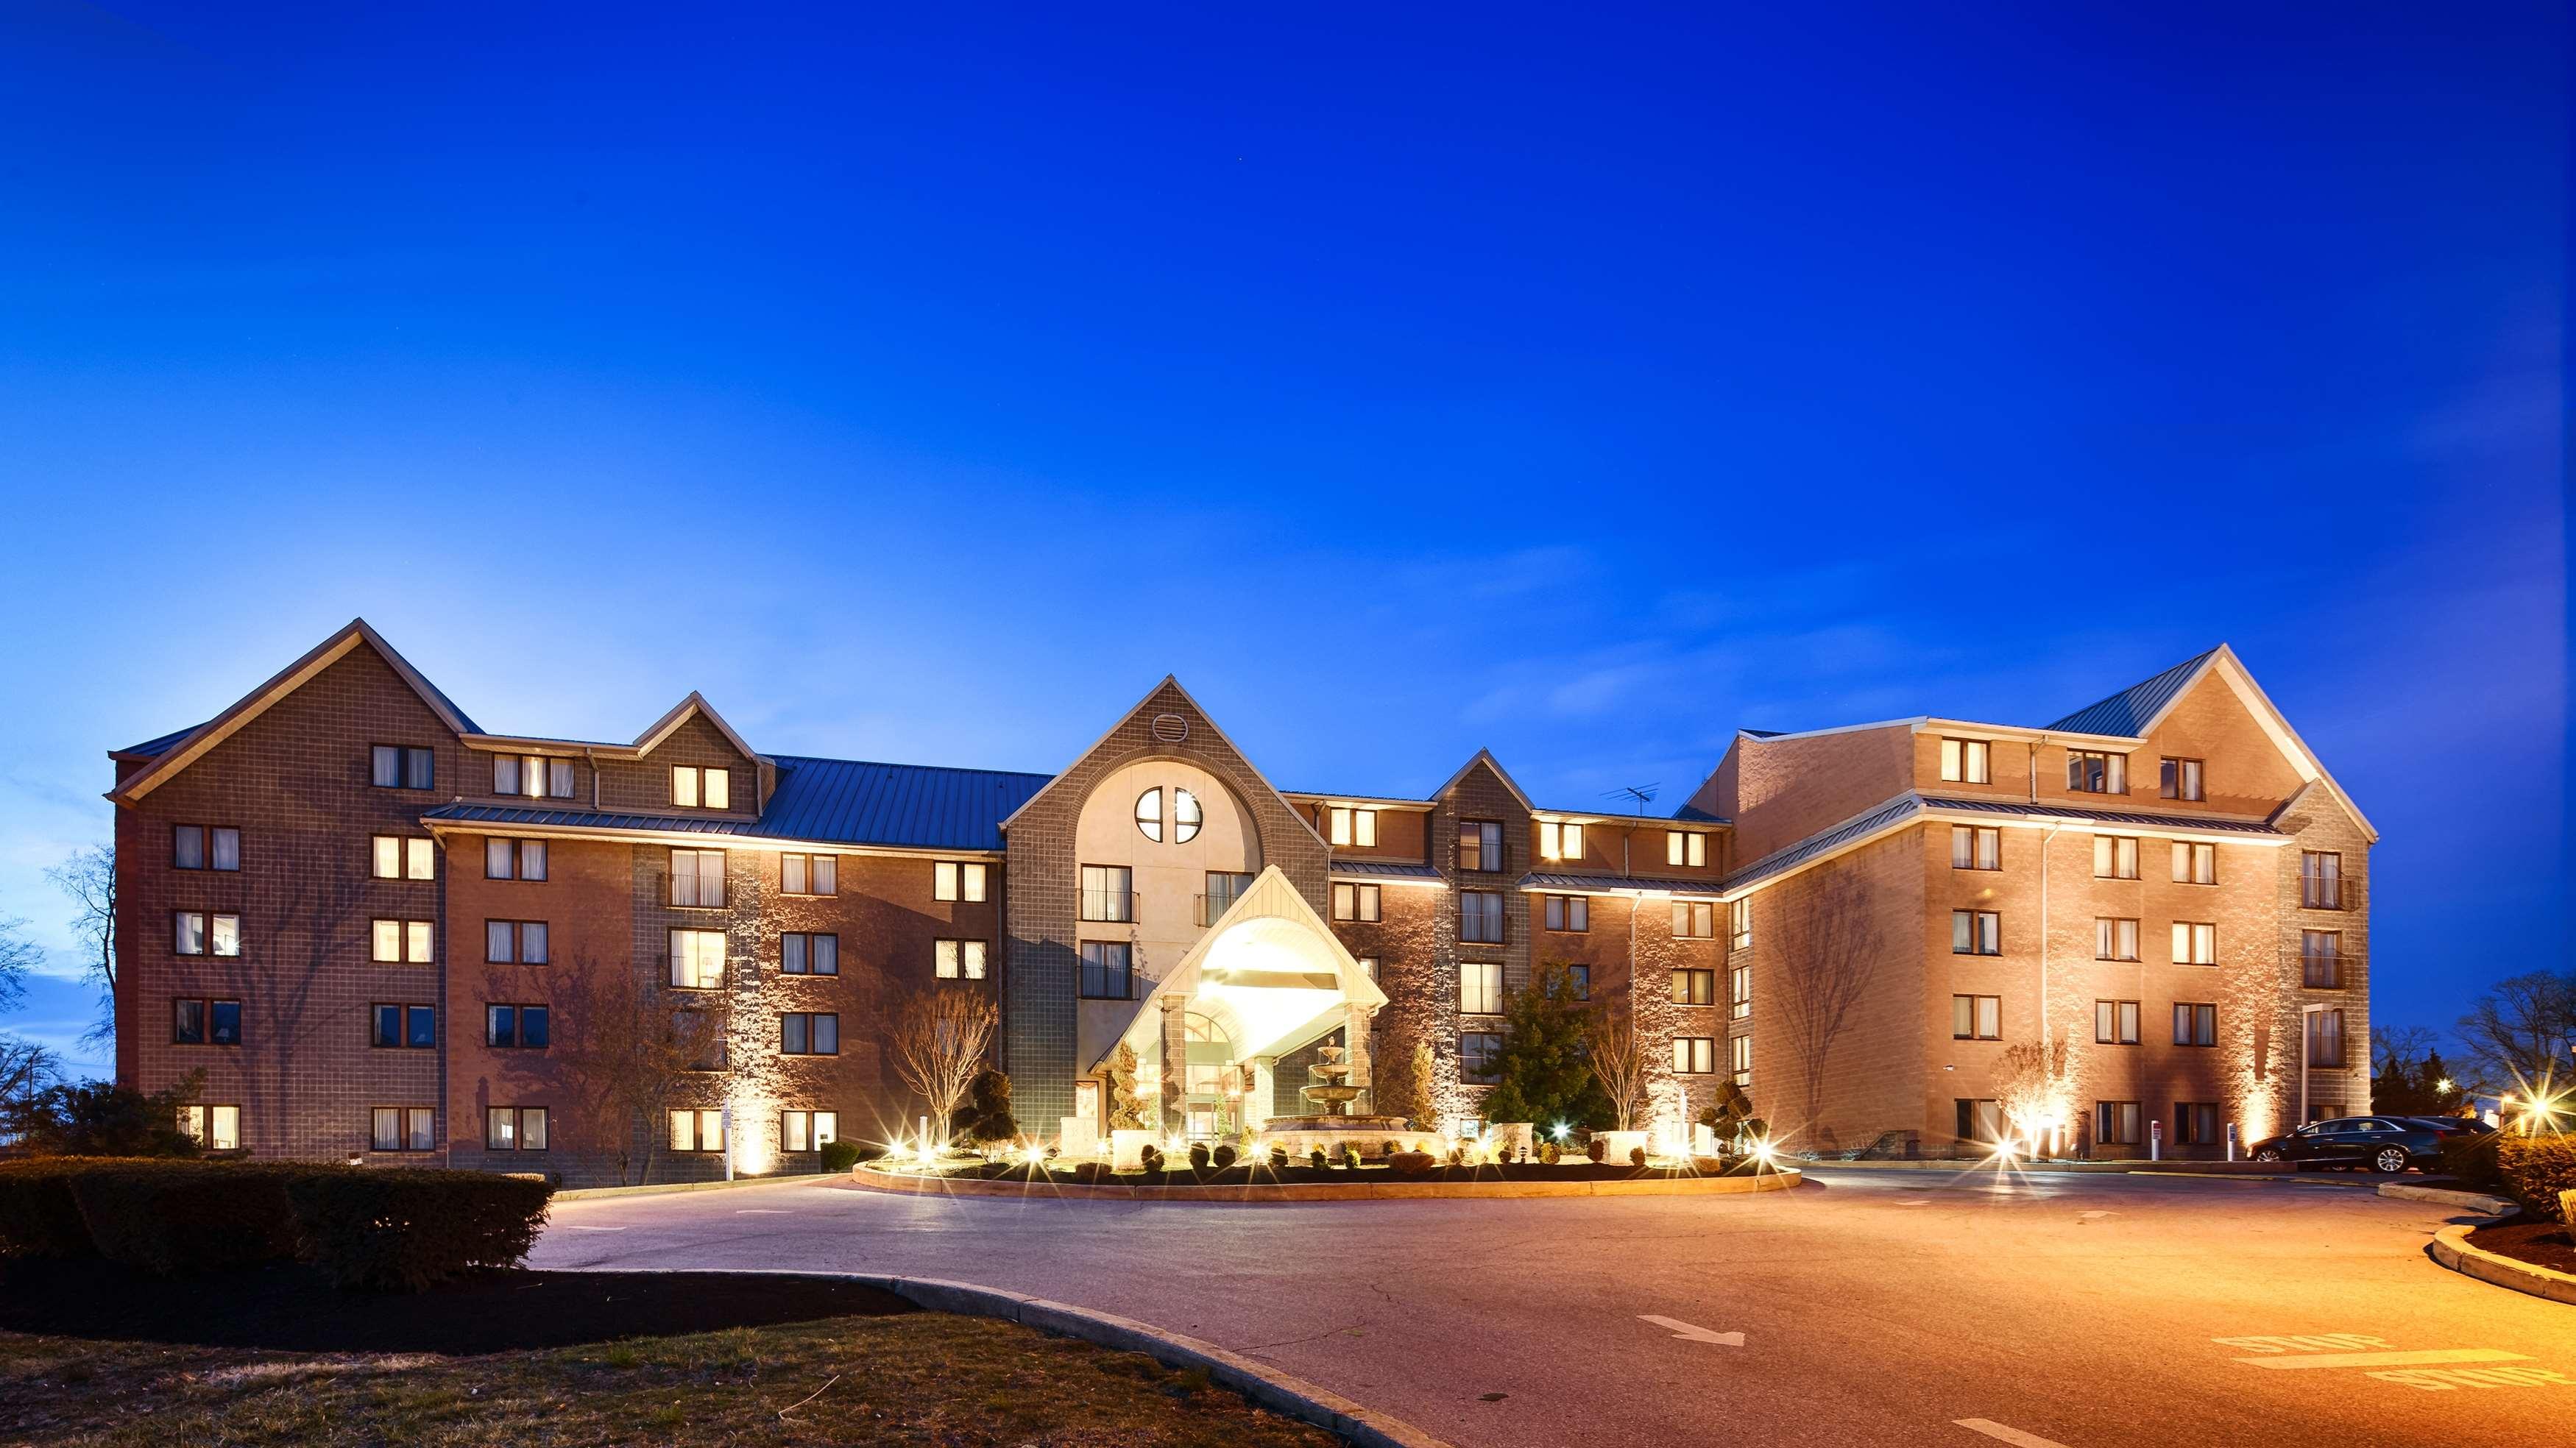 Hotels Near Glen Mills Pa